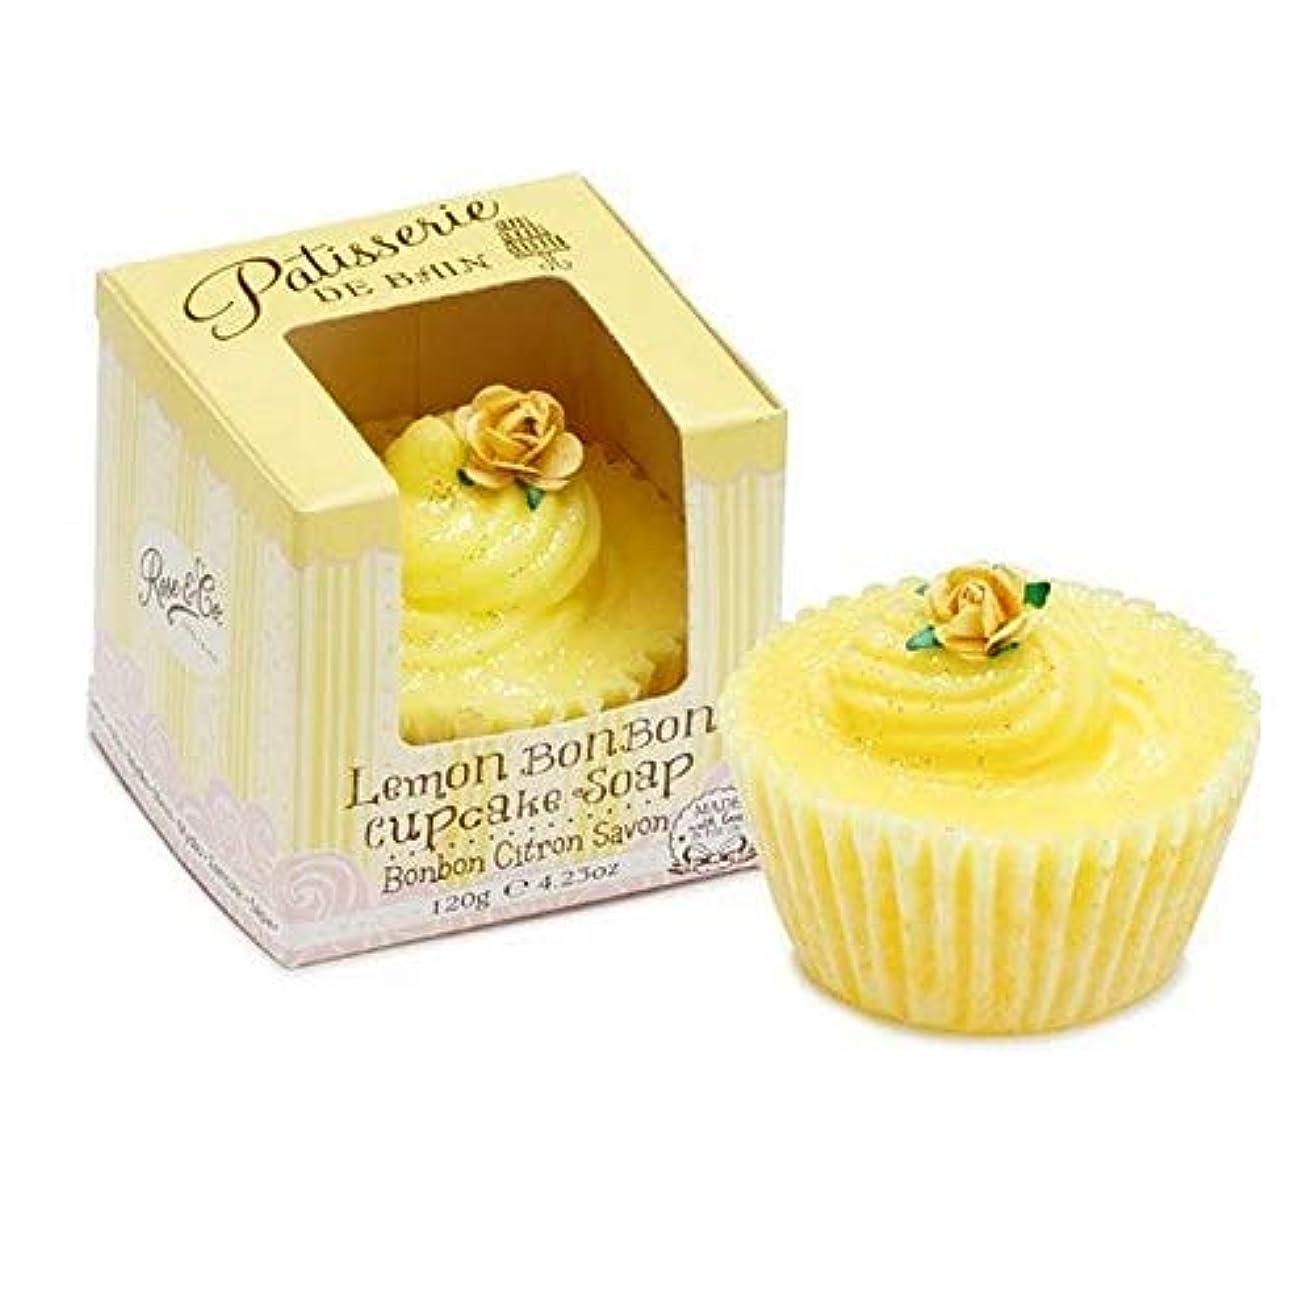 トレイル権威ストレンジャー[Patisserie de Bain ] パティスリー?デ?ベインレモンボンボンカップケーキソープ120グラム - Patisserie de Bain Lemon Bon Bon Cupcake soap 120g...